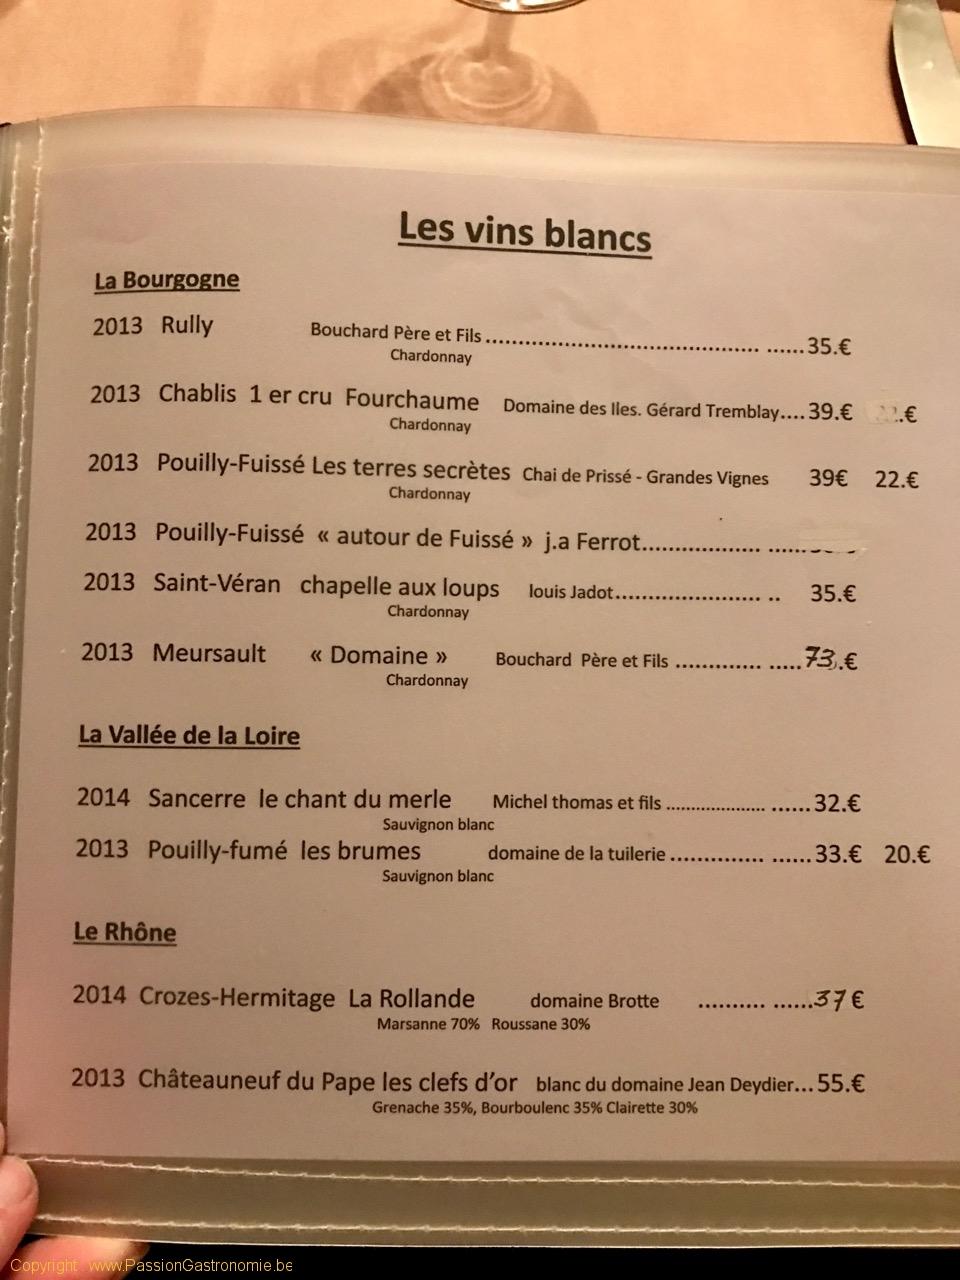 Restaurant Au Provencal - Les vins blancs